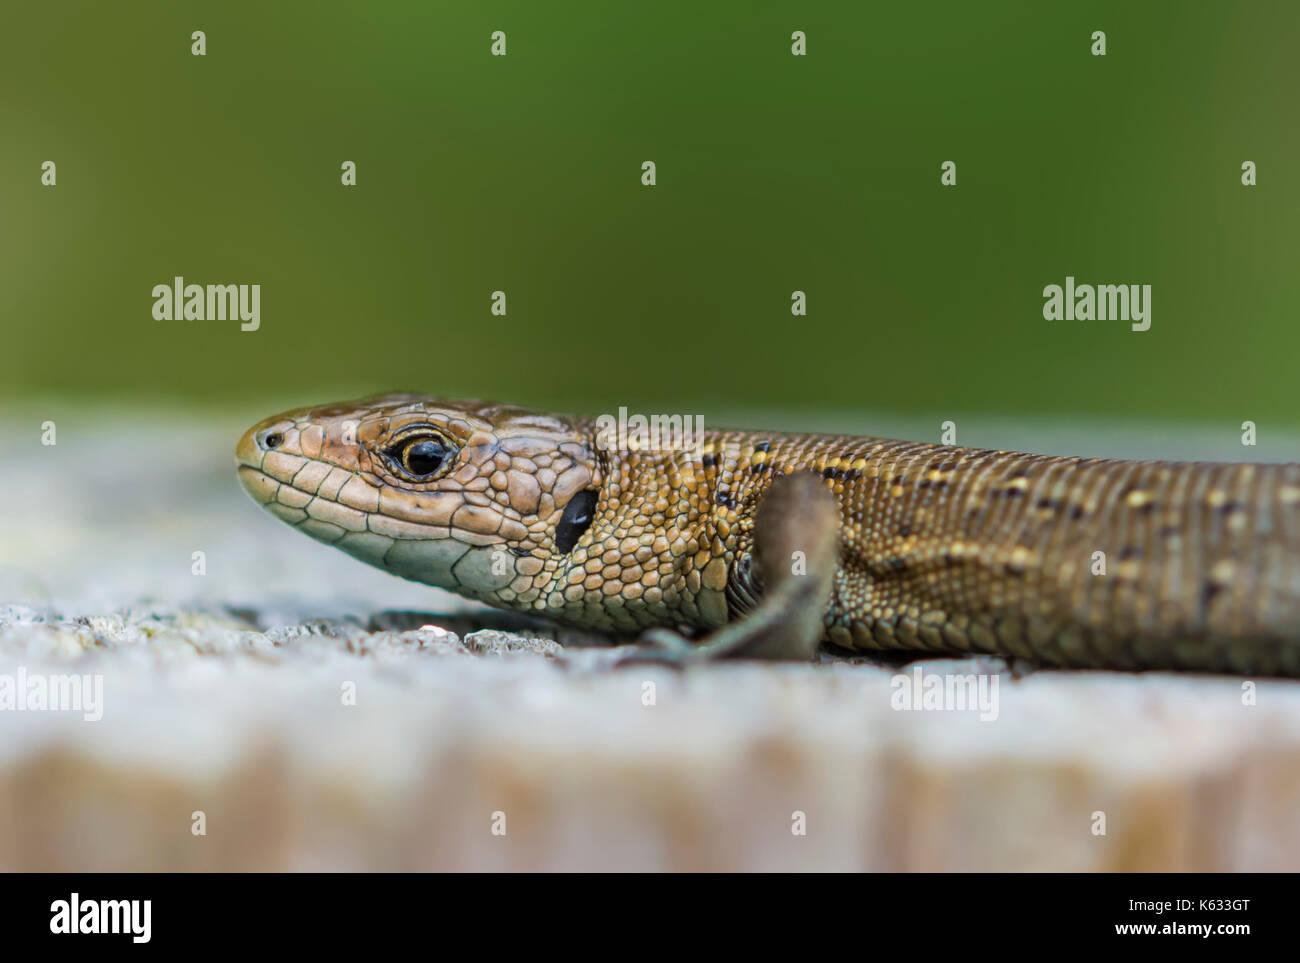 Zootoca vivipara Erwachsener (vivipar Lizard oder Common Lizard oder Eurasische Eidechse) in Wäldern in der Nähe Stockfoto